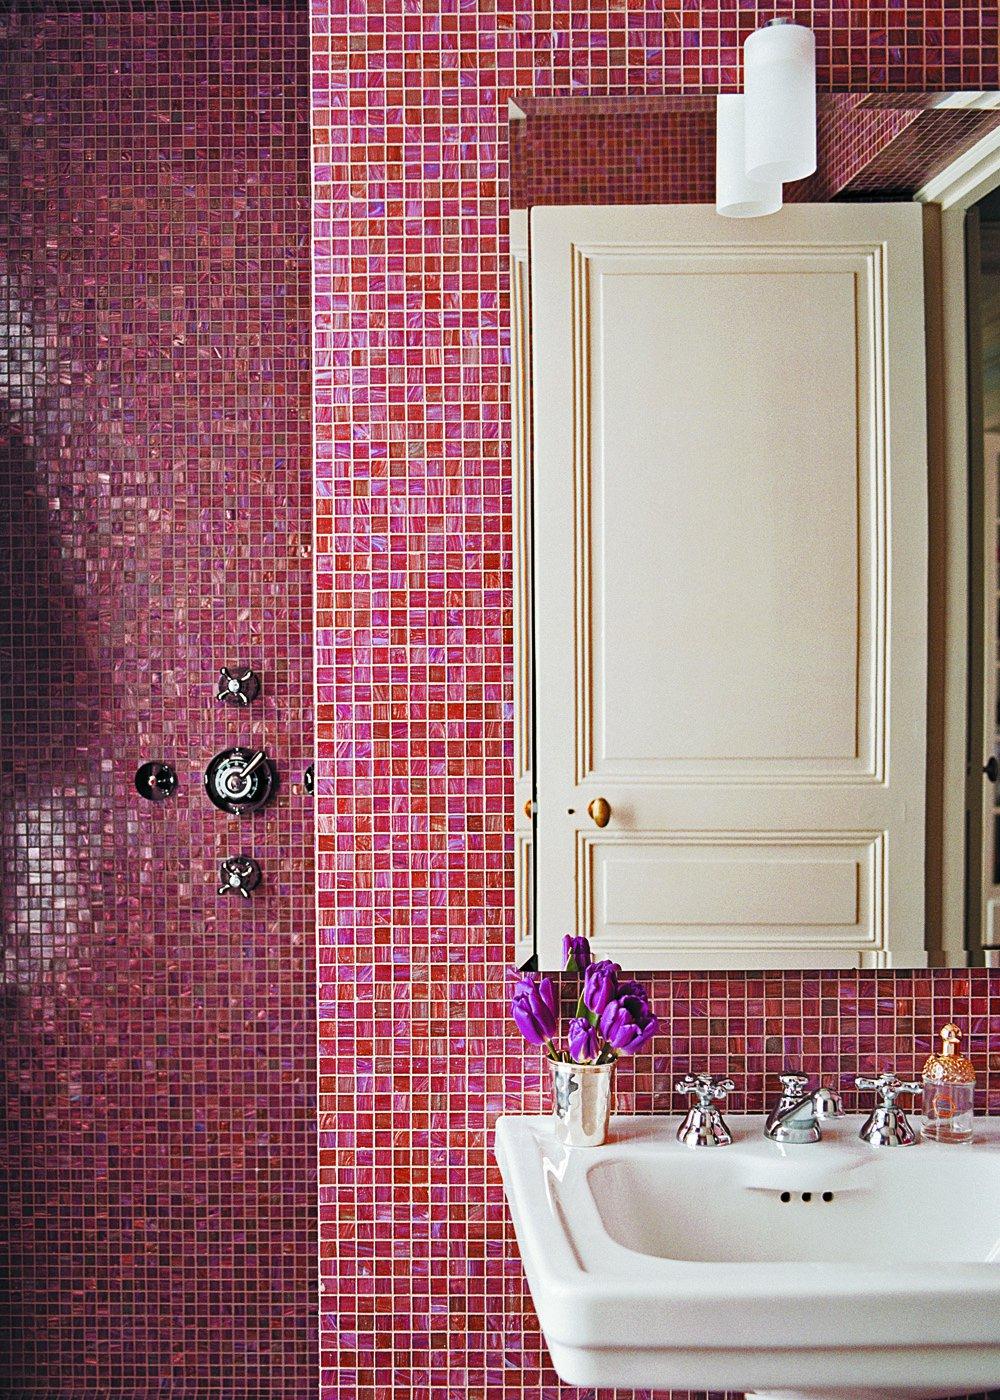 Ванная 9 кв. м с розовой мозаикой